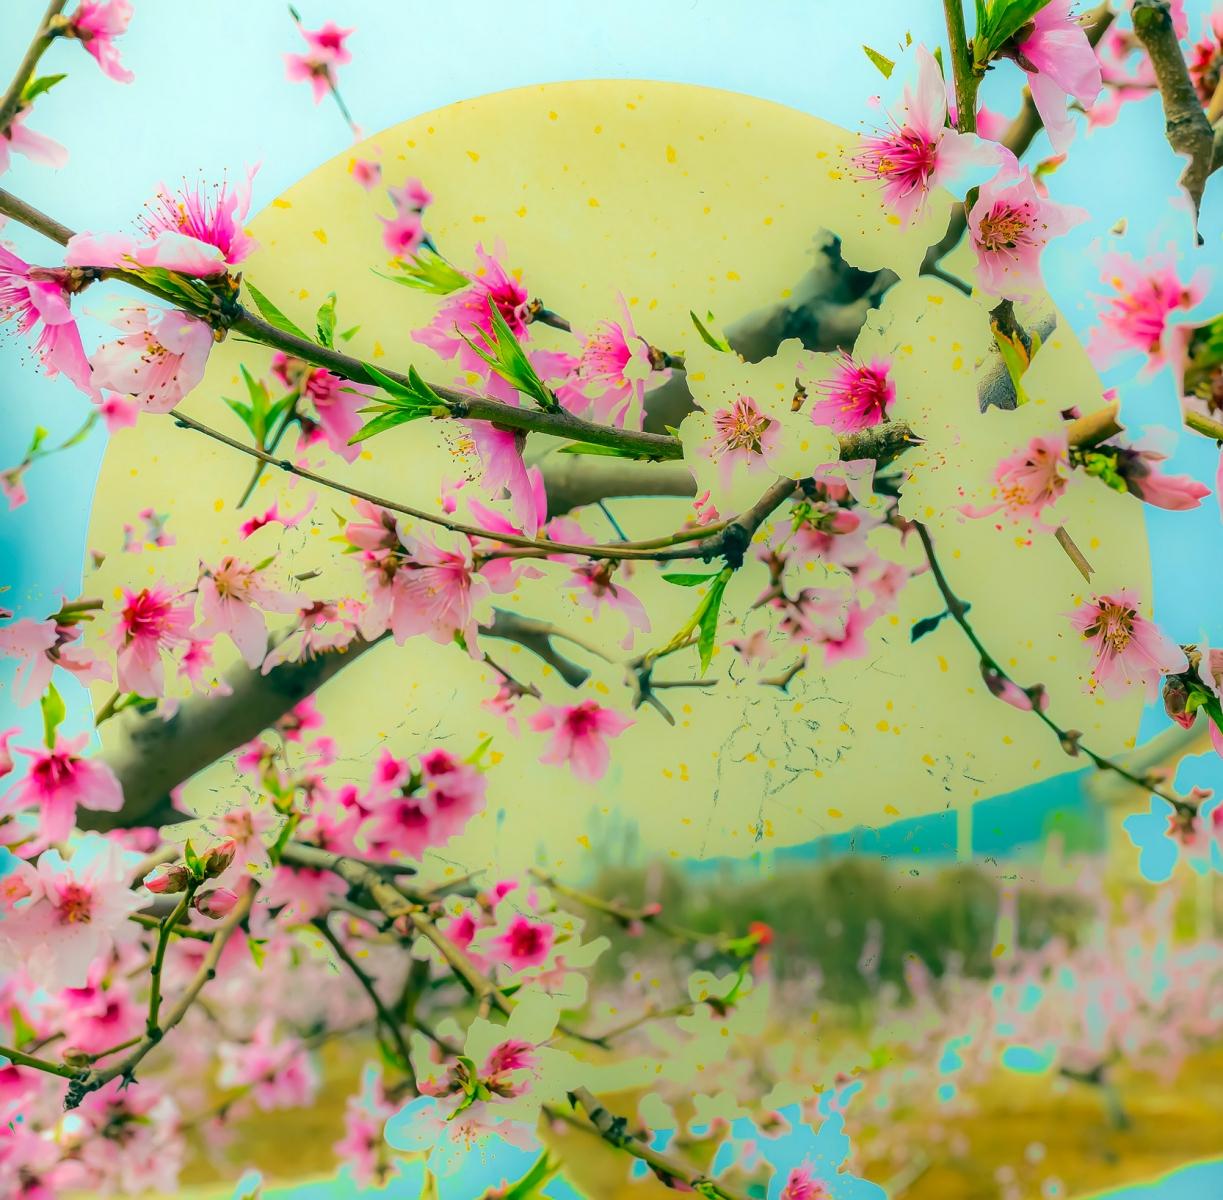 桃花摄影:花非花 画非画 花中有画 画中有花_图1-12